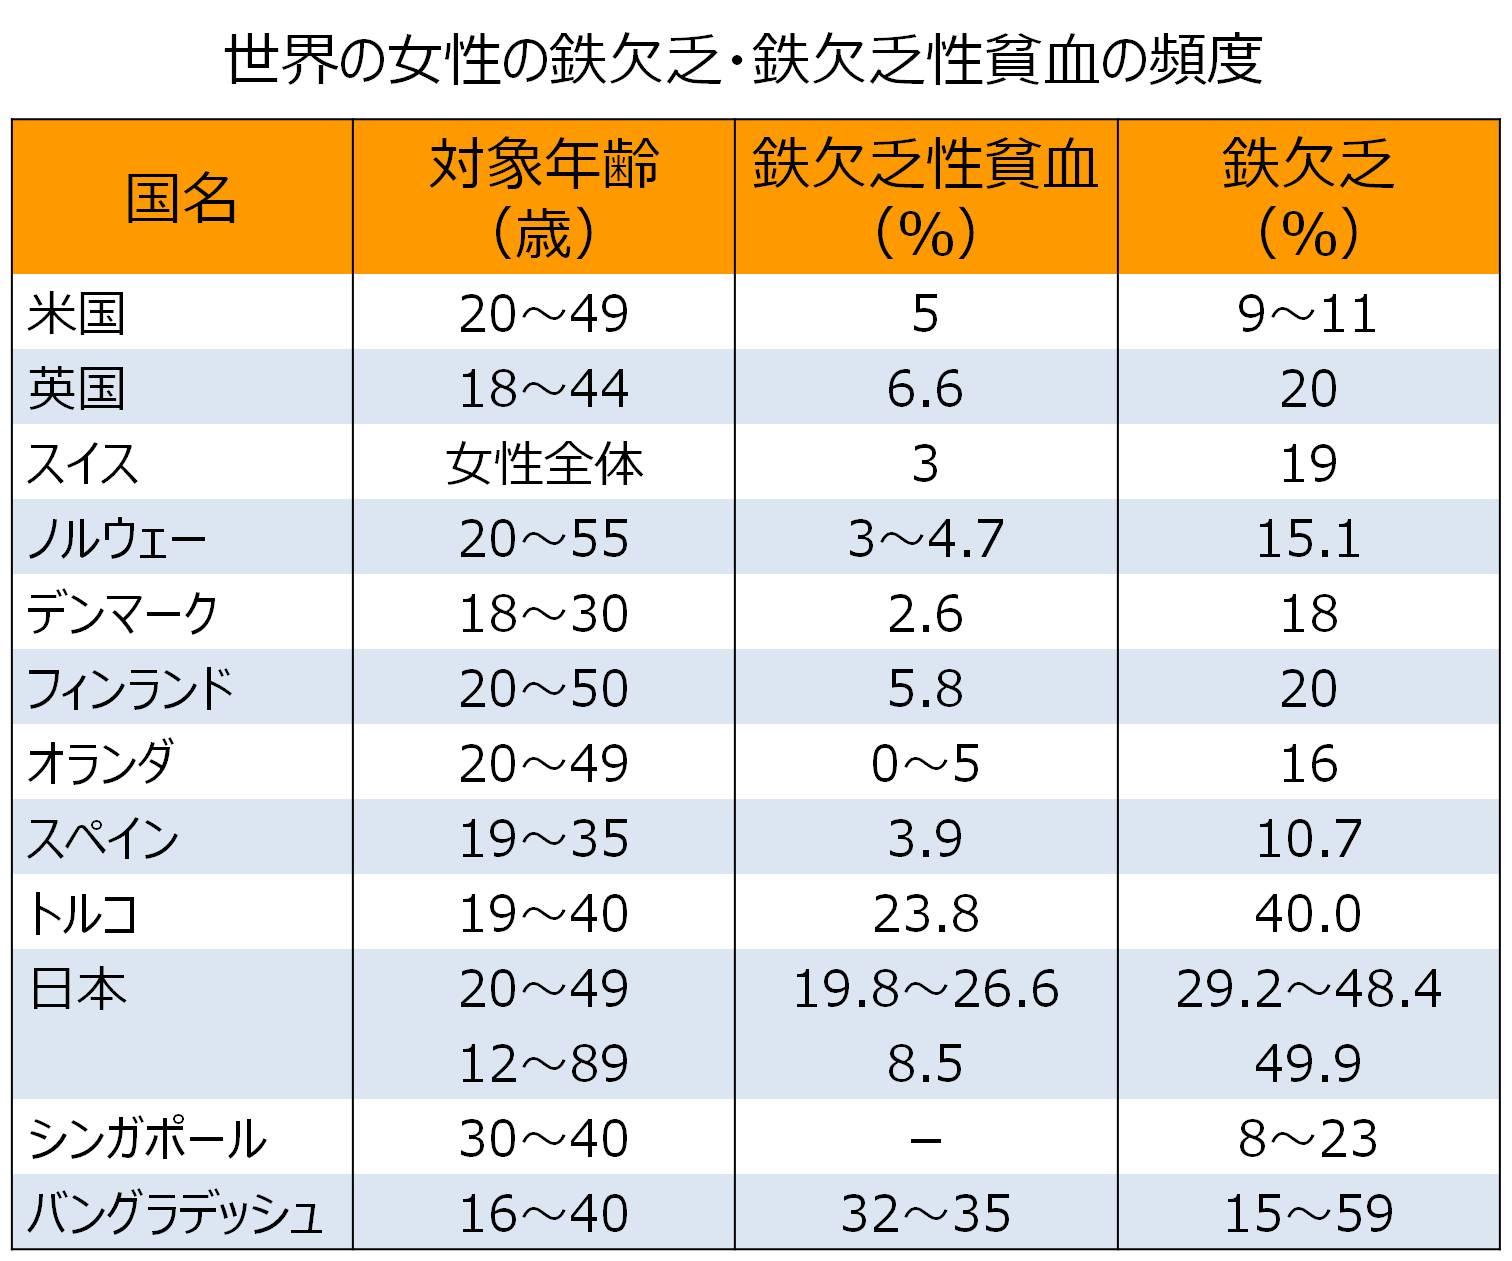 女性 鉄欠乏 貧血 国際比較